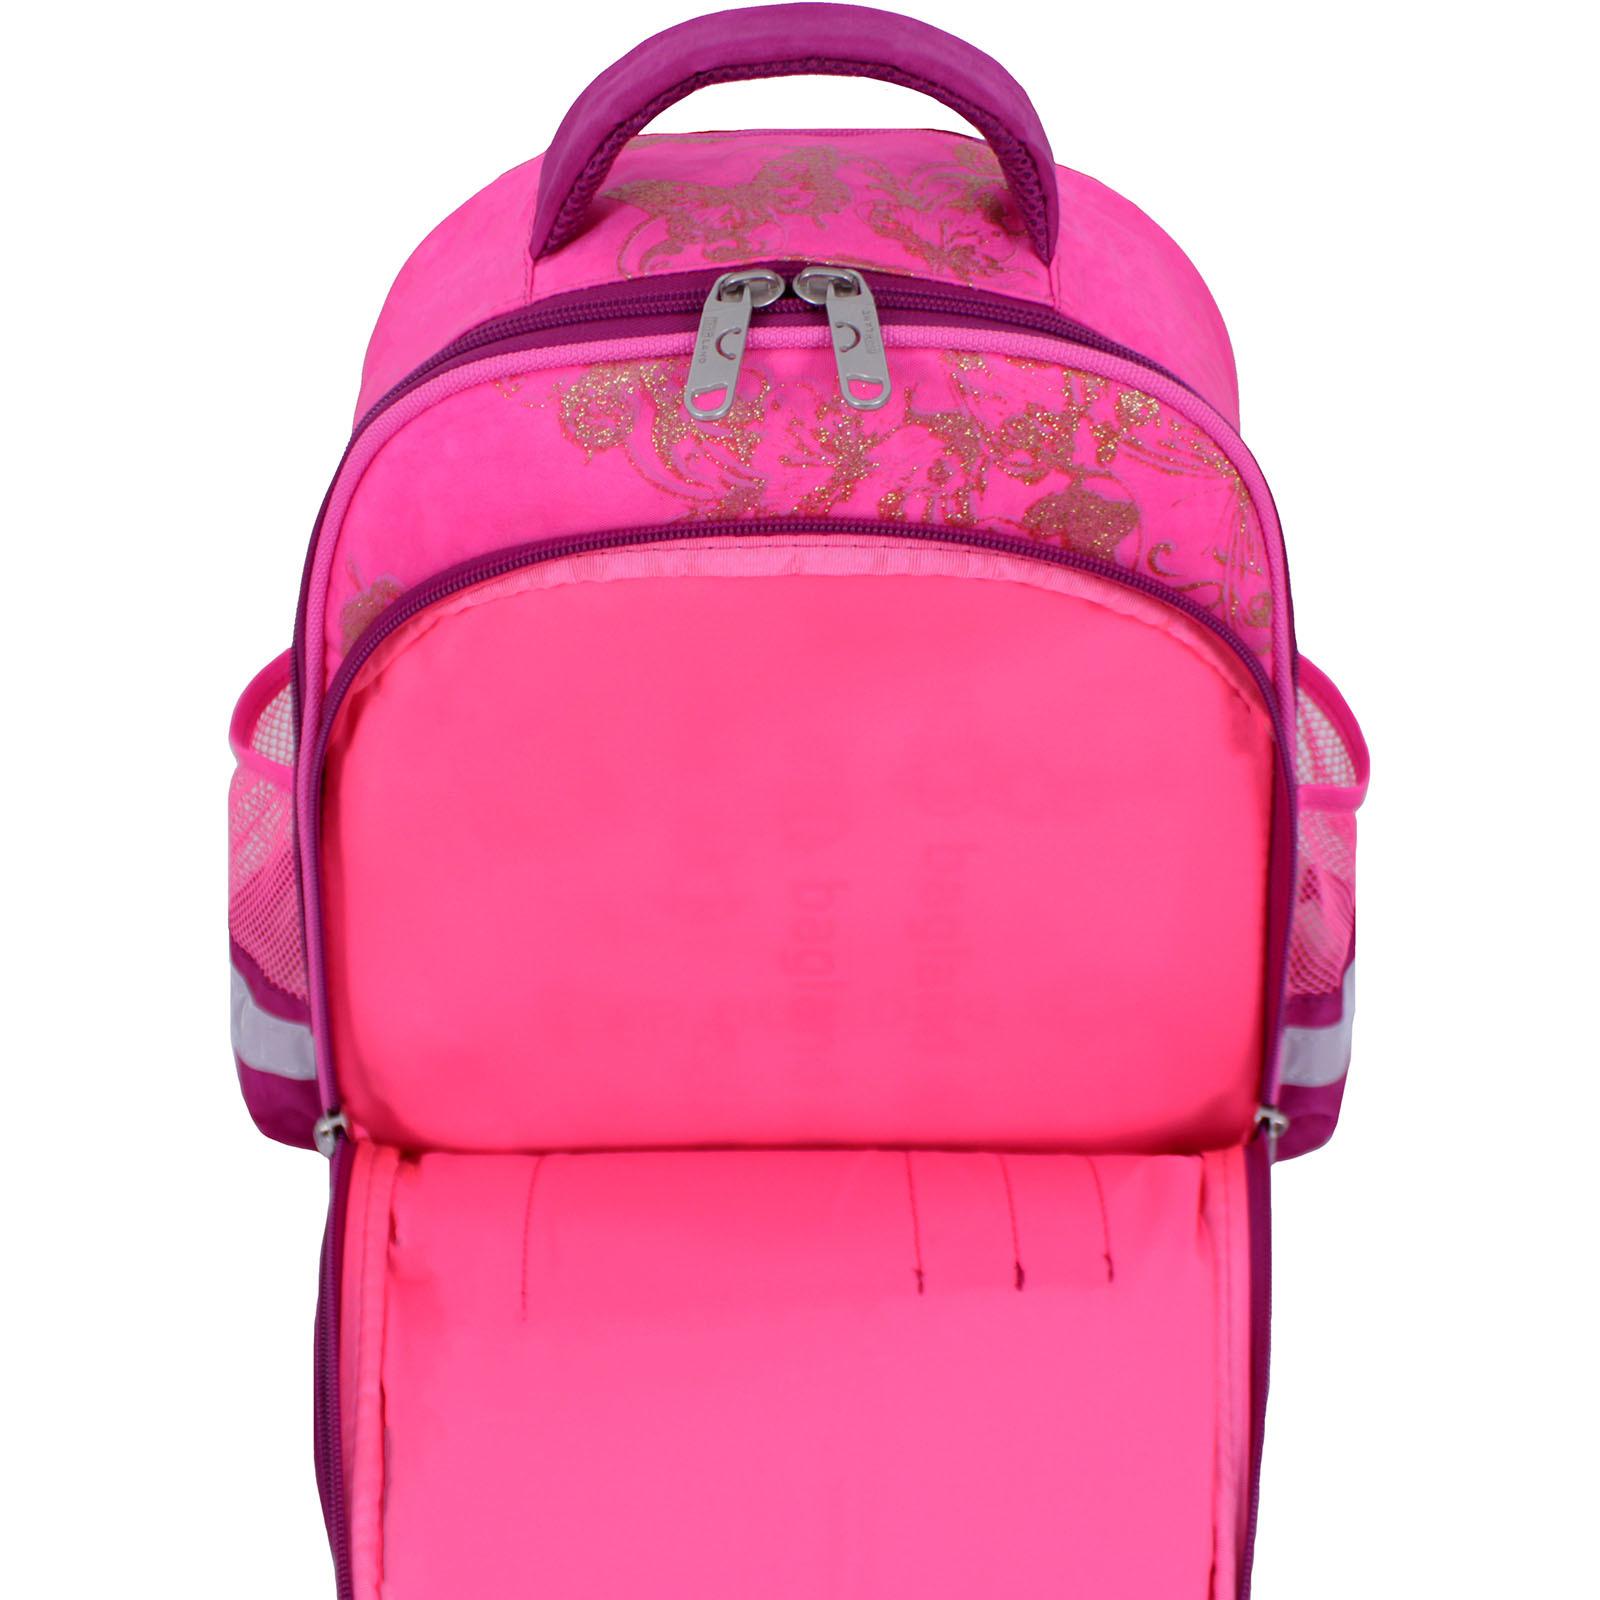 Рюкзак школьный Bagland Mouse 143 малиновый 389 (0051370) фото 5